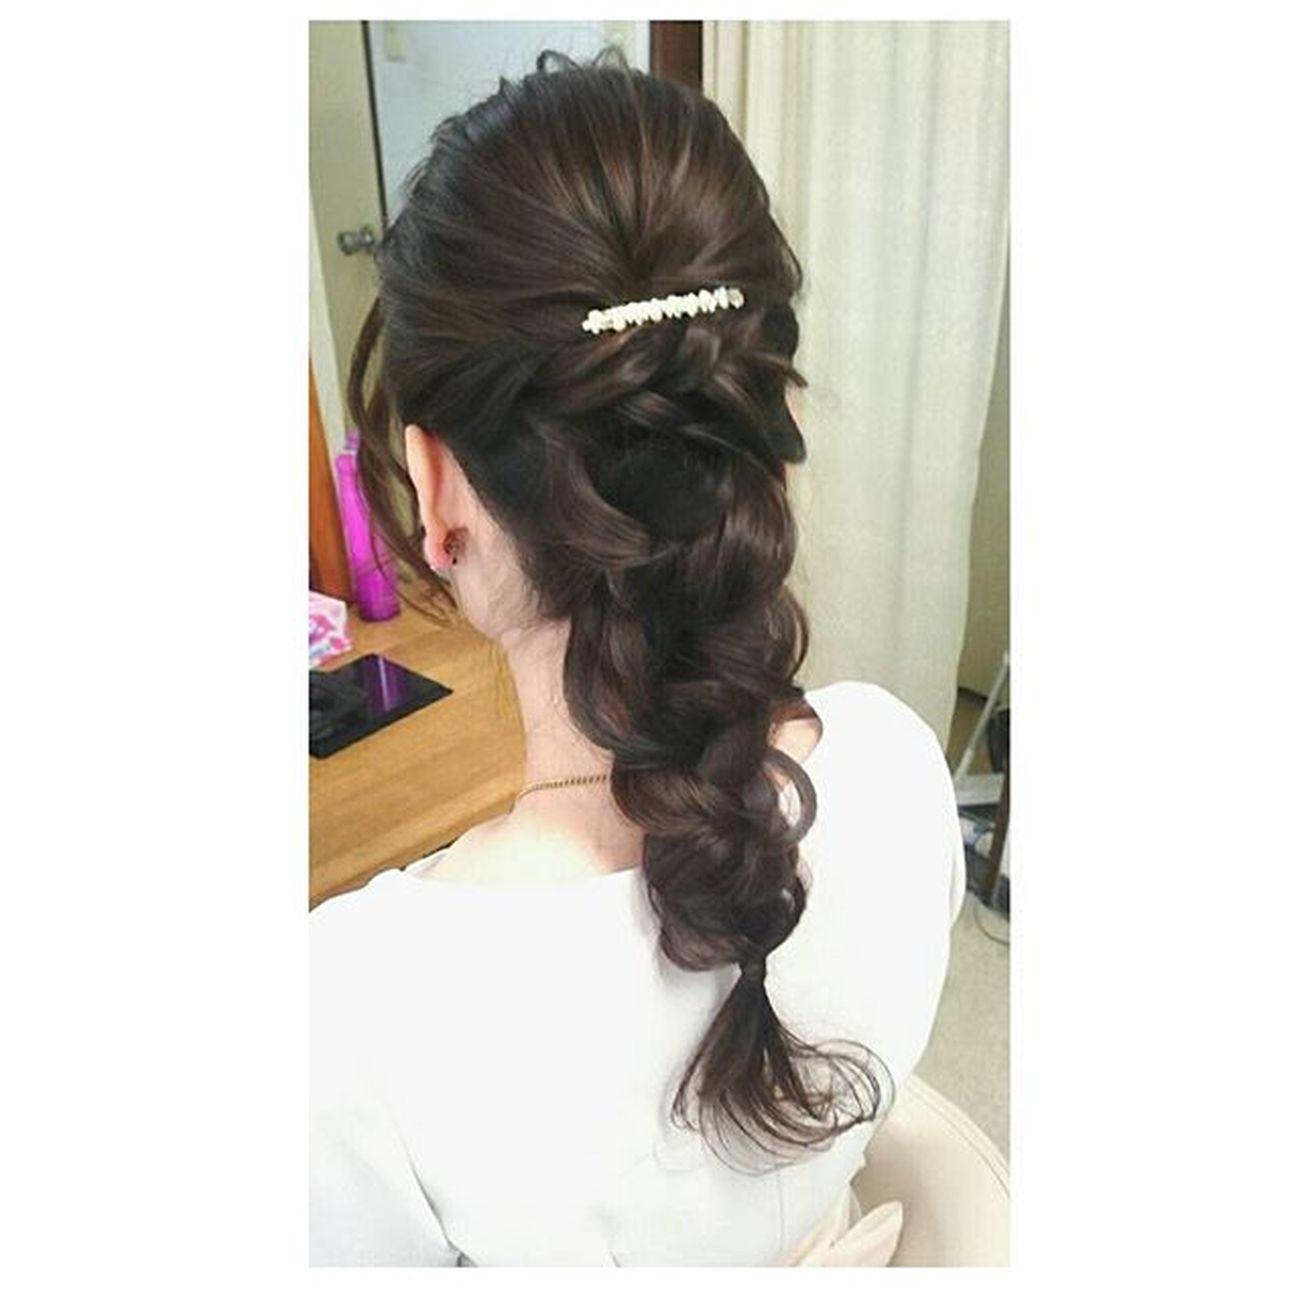 ヘアセット Hairアレンジ ヘアアレンジ Hair 美容院 錦 セットサロン ブライダル ヘアー Locari Byshair ラプンツェル♡